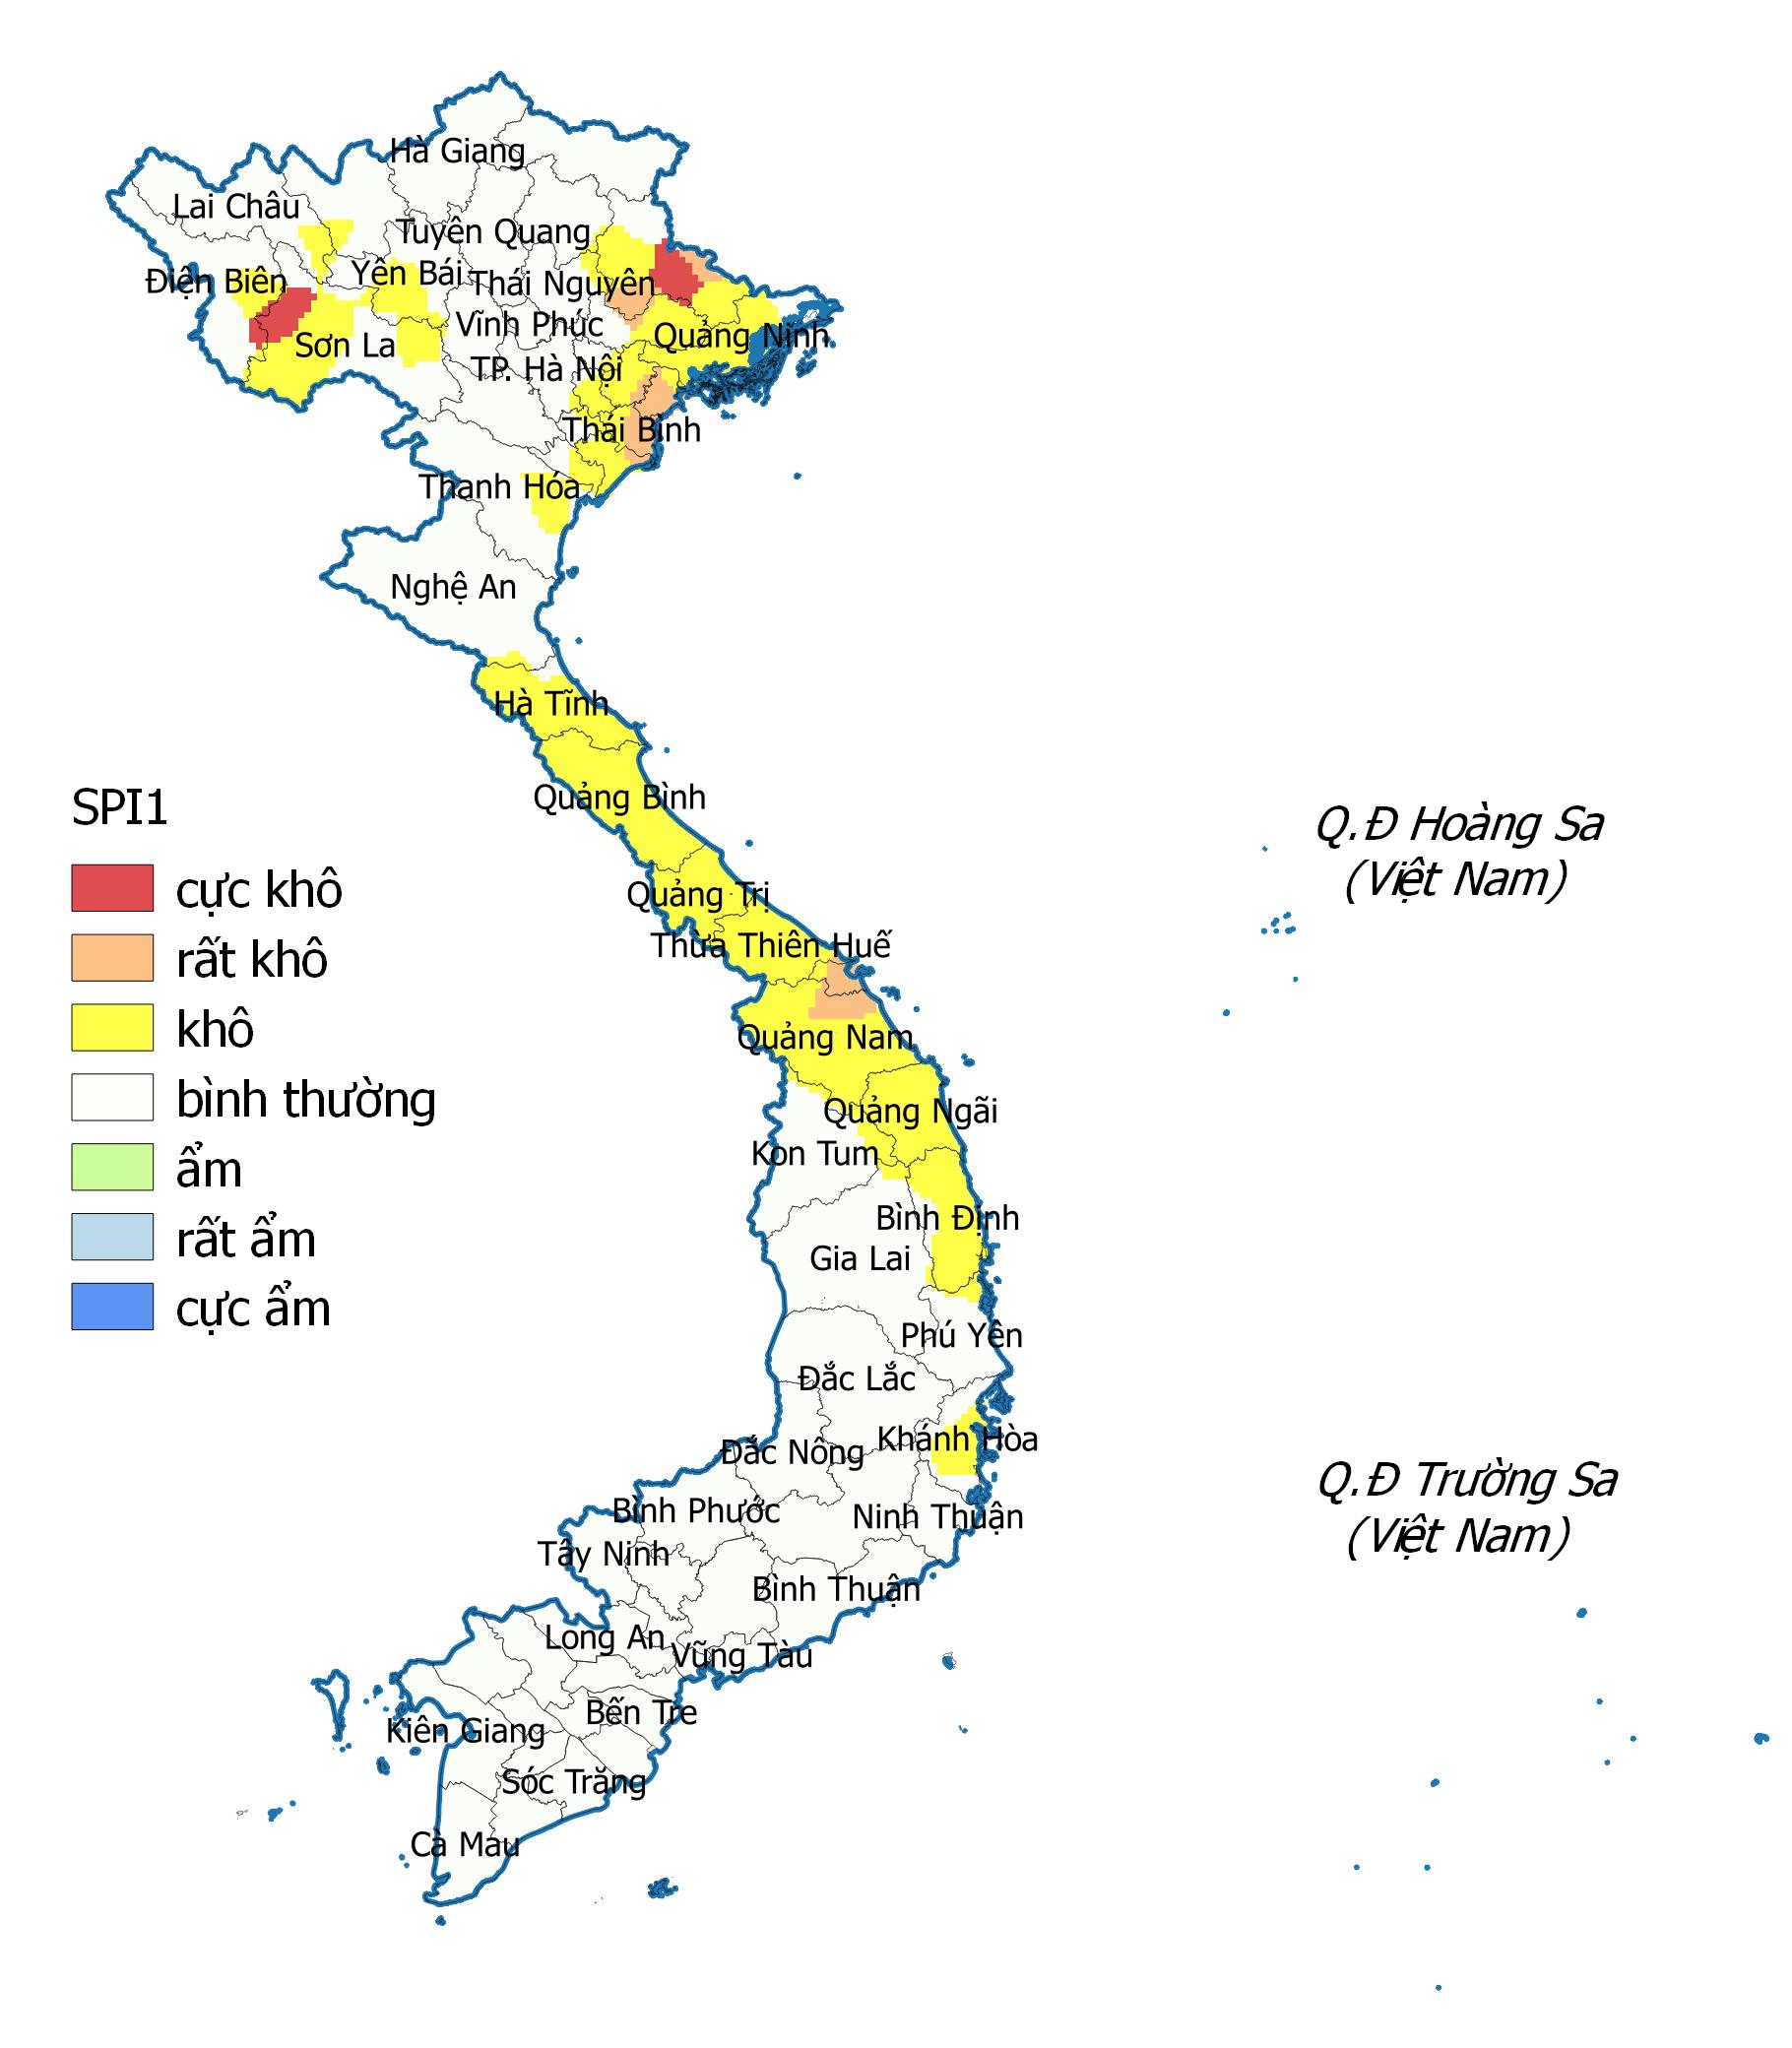 Bản tin dự báo, cảnh báo hạn khí tượng tại các vùng trên cả nước từ ngày 11/6-6/7/2020